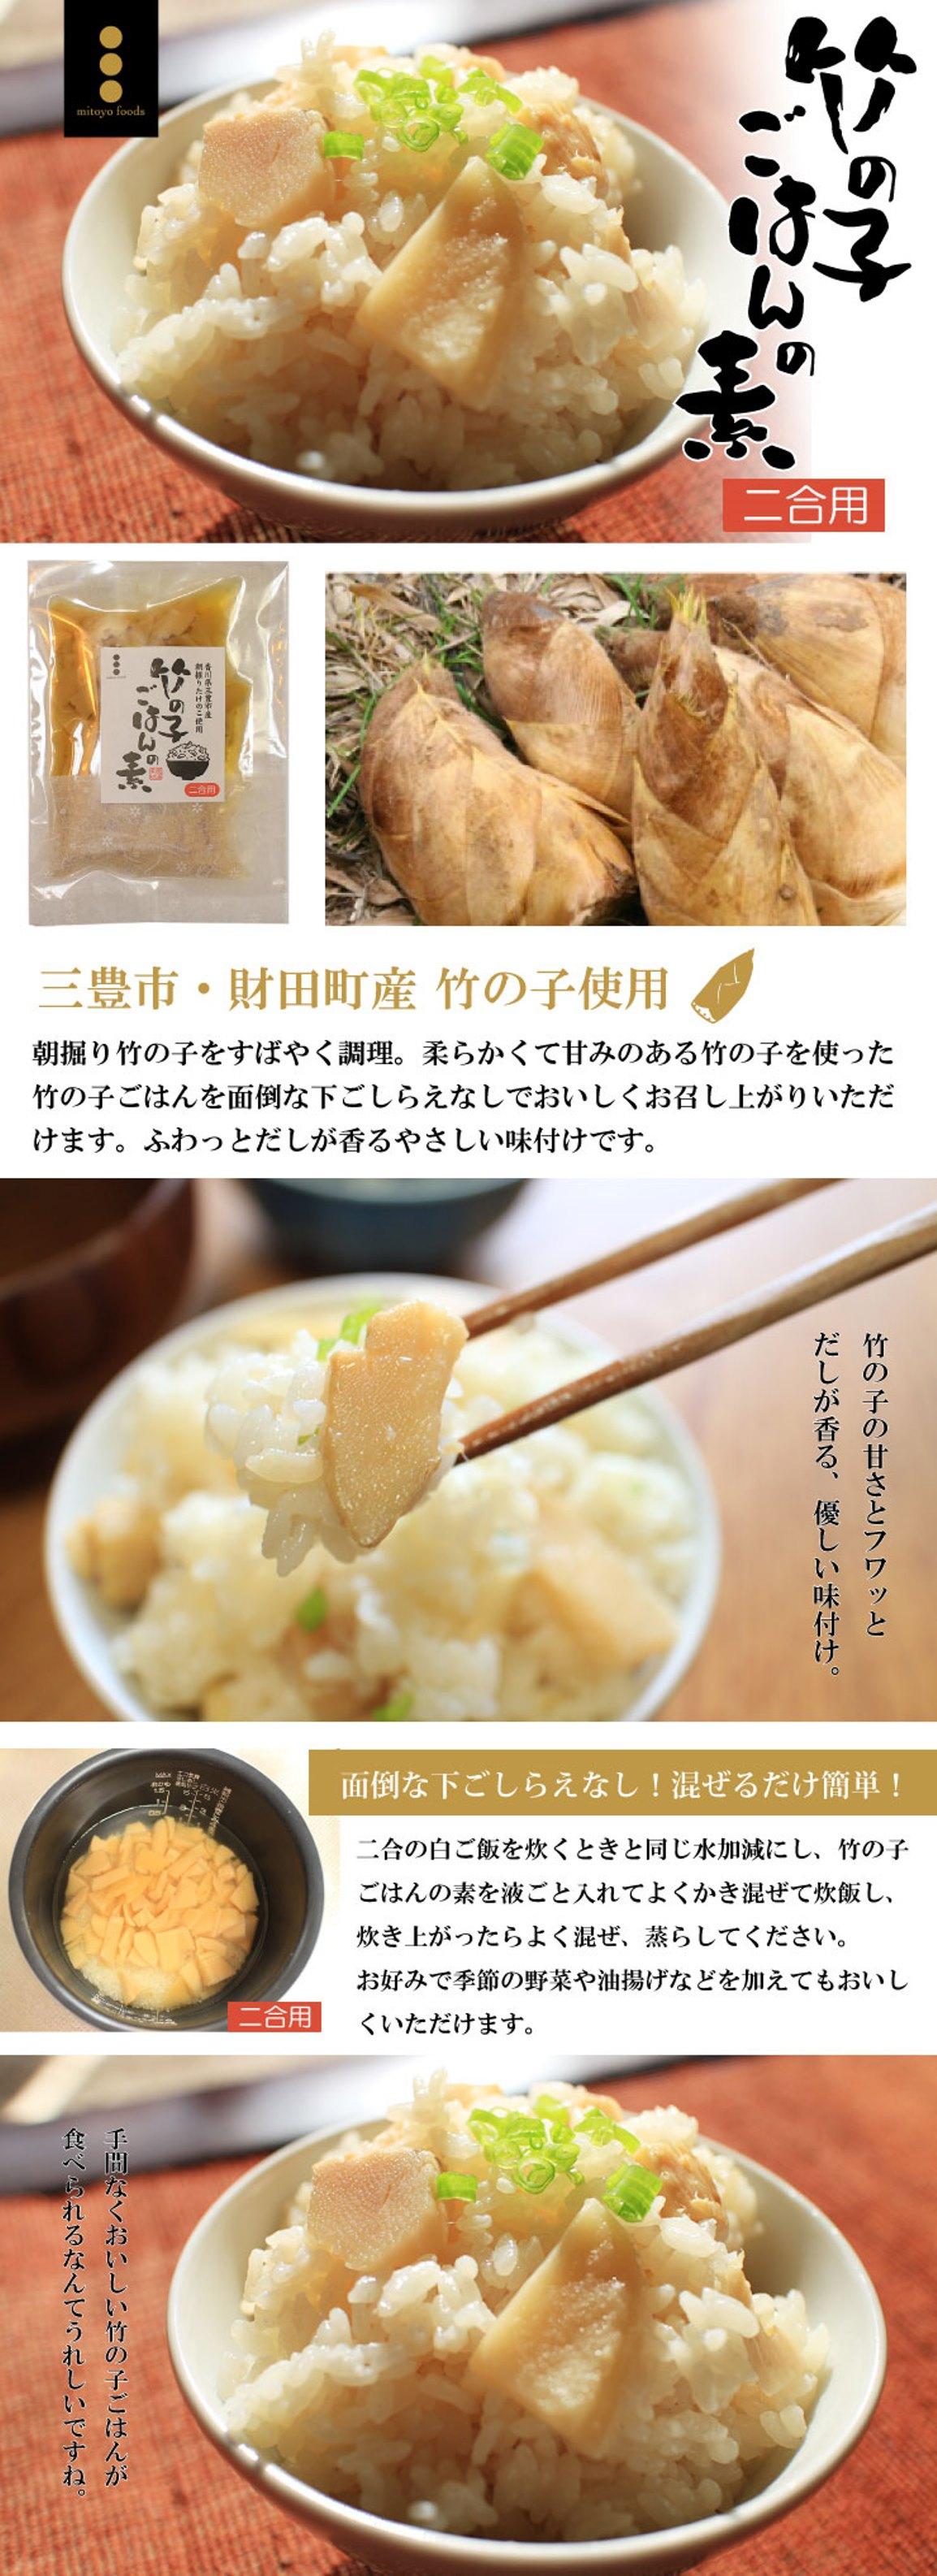 2合のお米と通常の水加減にし、本品を液ごと入れてよくかき混ぜて炊くだけ。面倒な下ごしらえなしでふわっとだしが香る竹の子ごはんの美味しさが、手軽にお召し上がりいただけます。